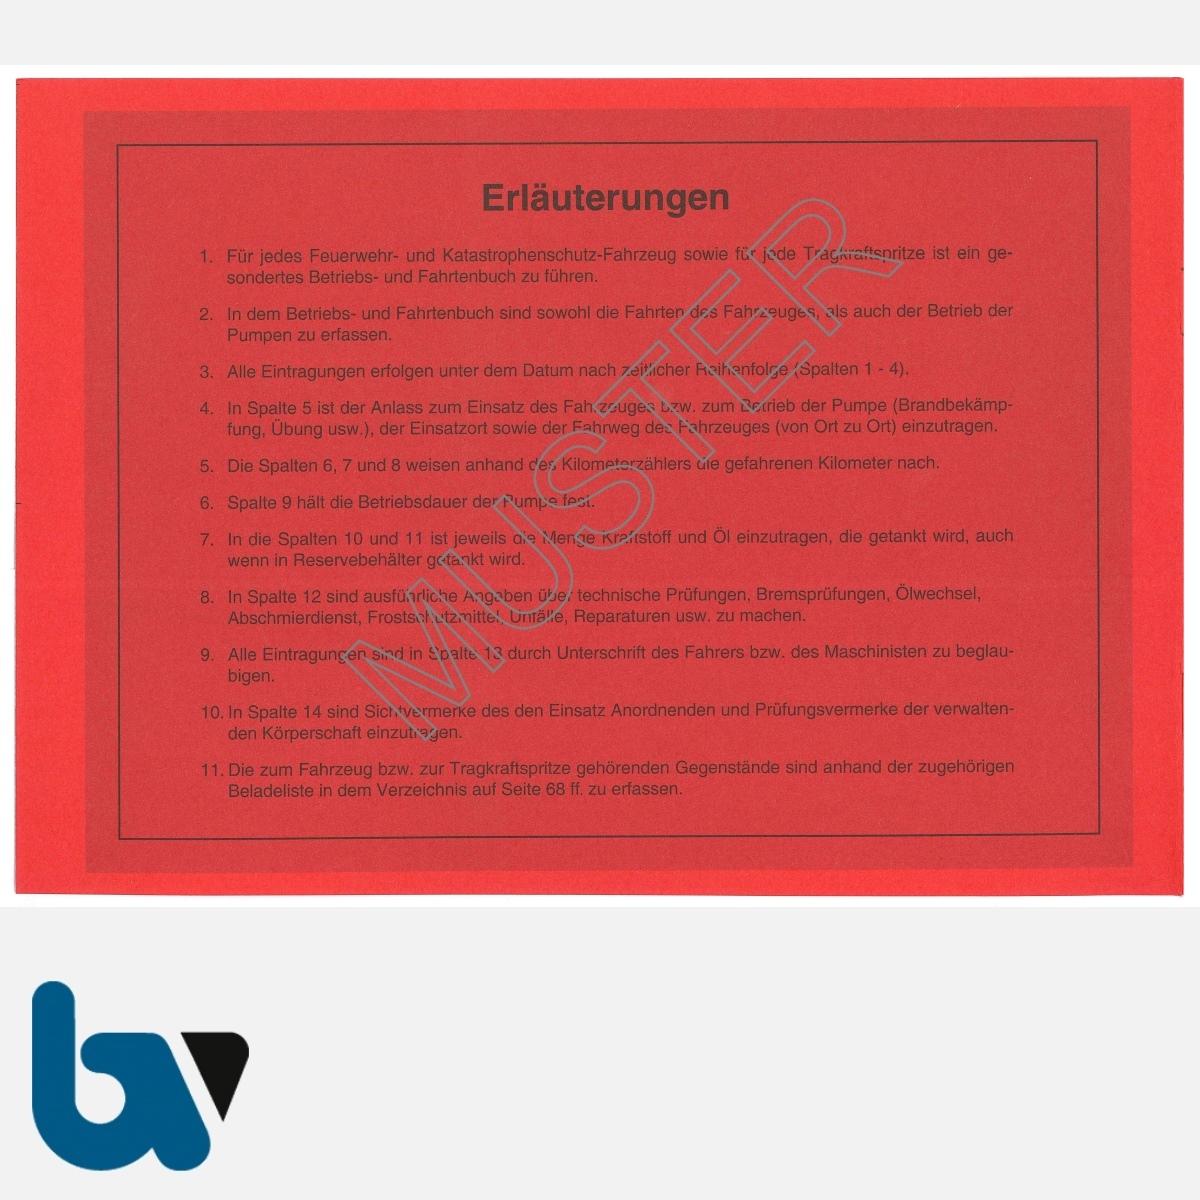 0/112-1 Fahrtenbuch Betriebsbuch Feuerwehr Katastrophenschutz Fahrzeuge Verwaltung Behörde DIN A5 Seite 2 | Borgard Verlag GmbH